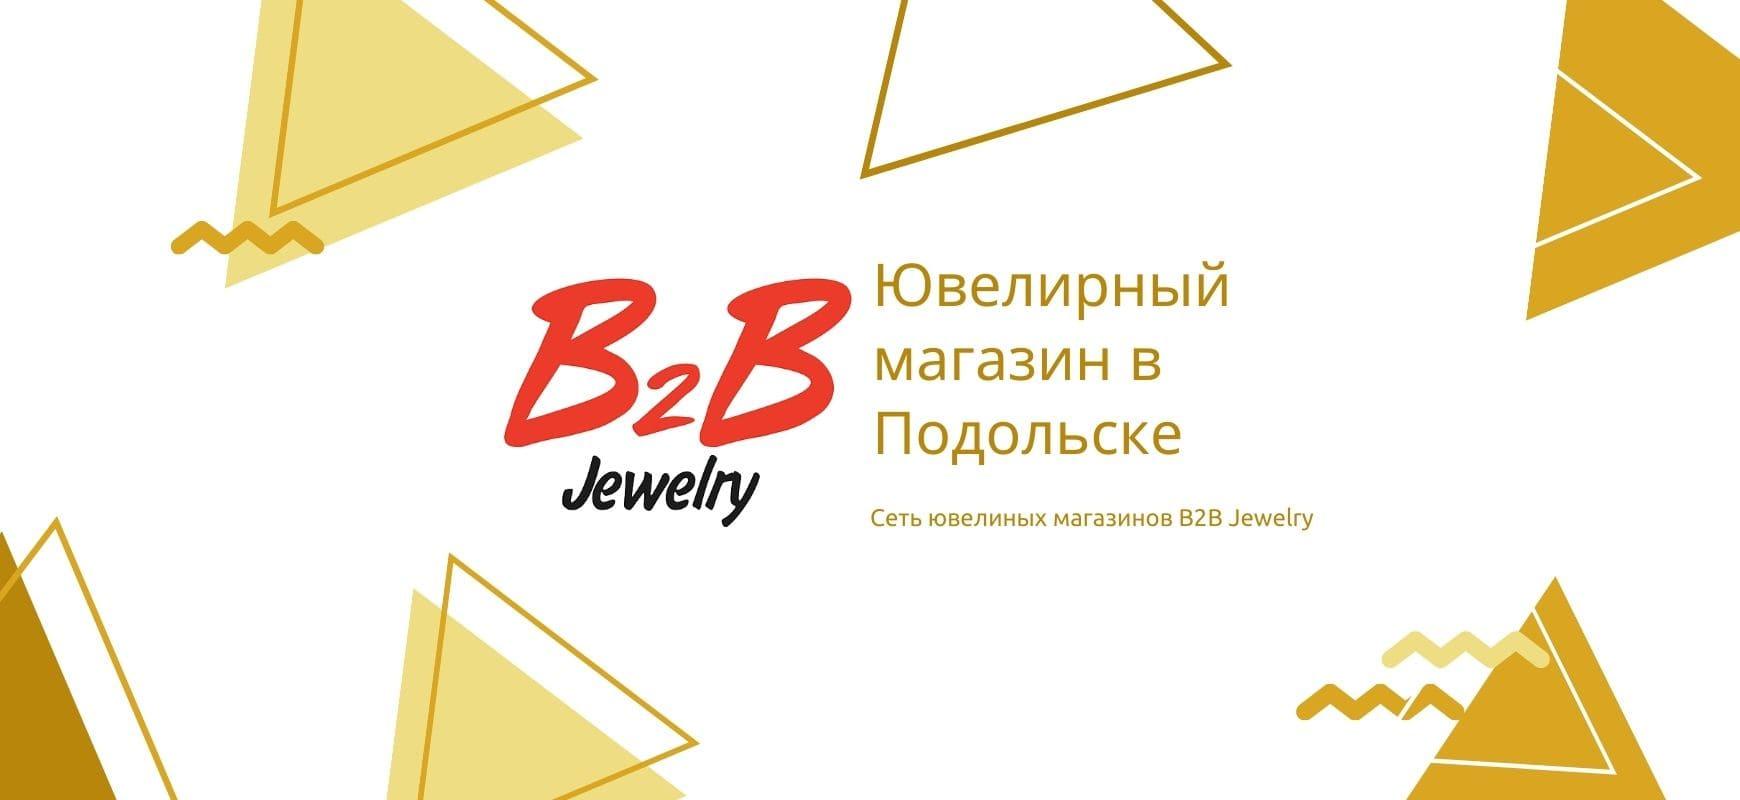 B2B JEWELRY ПОДОЛЬСК